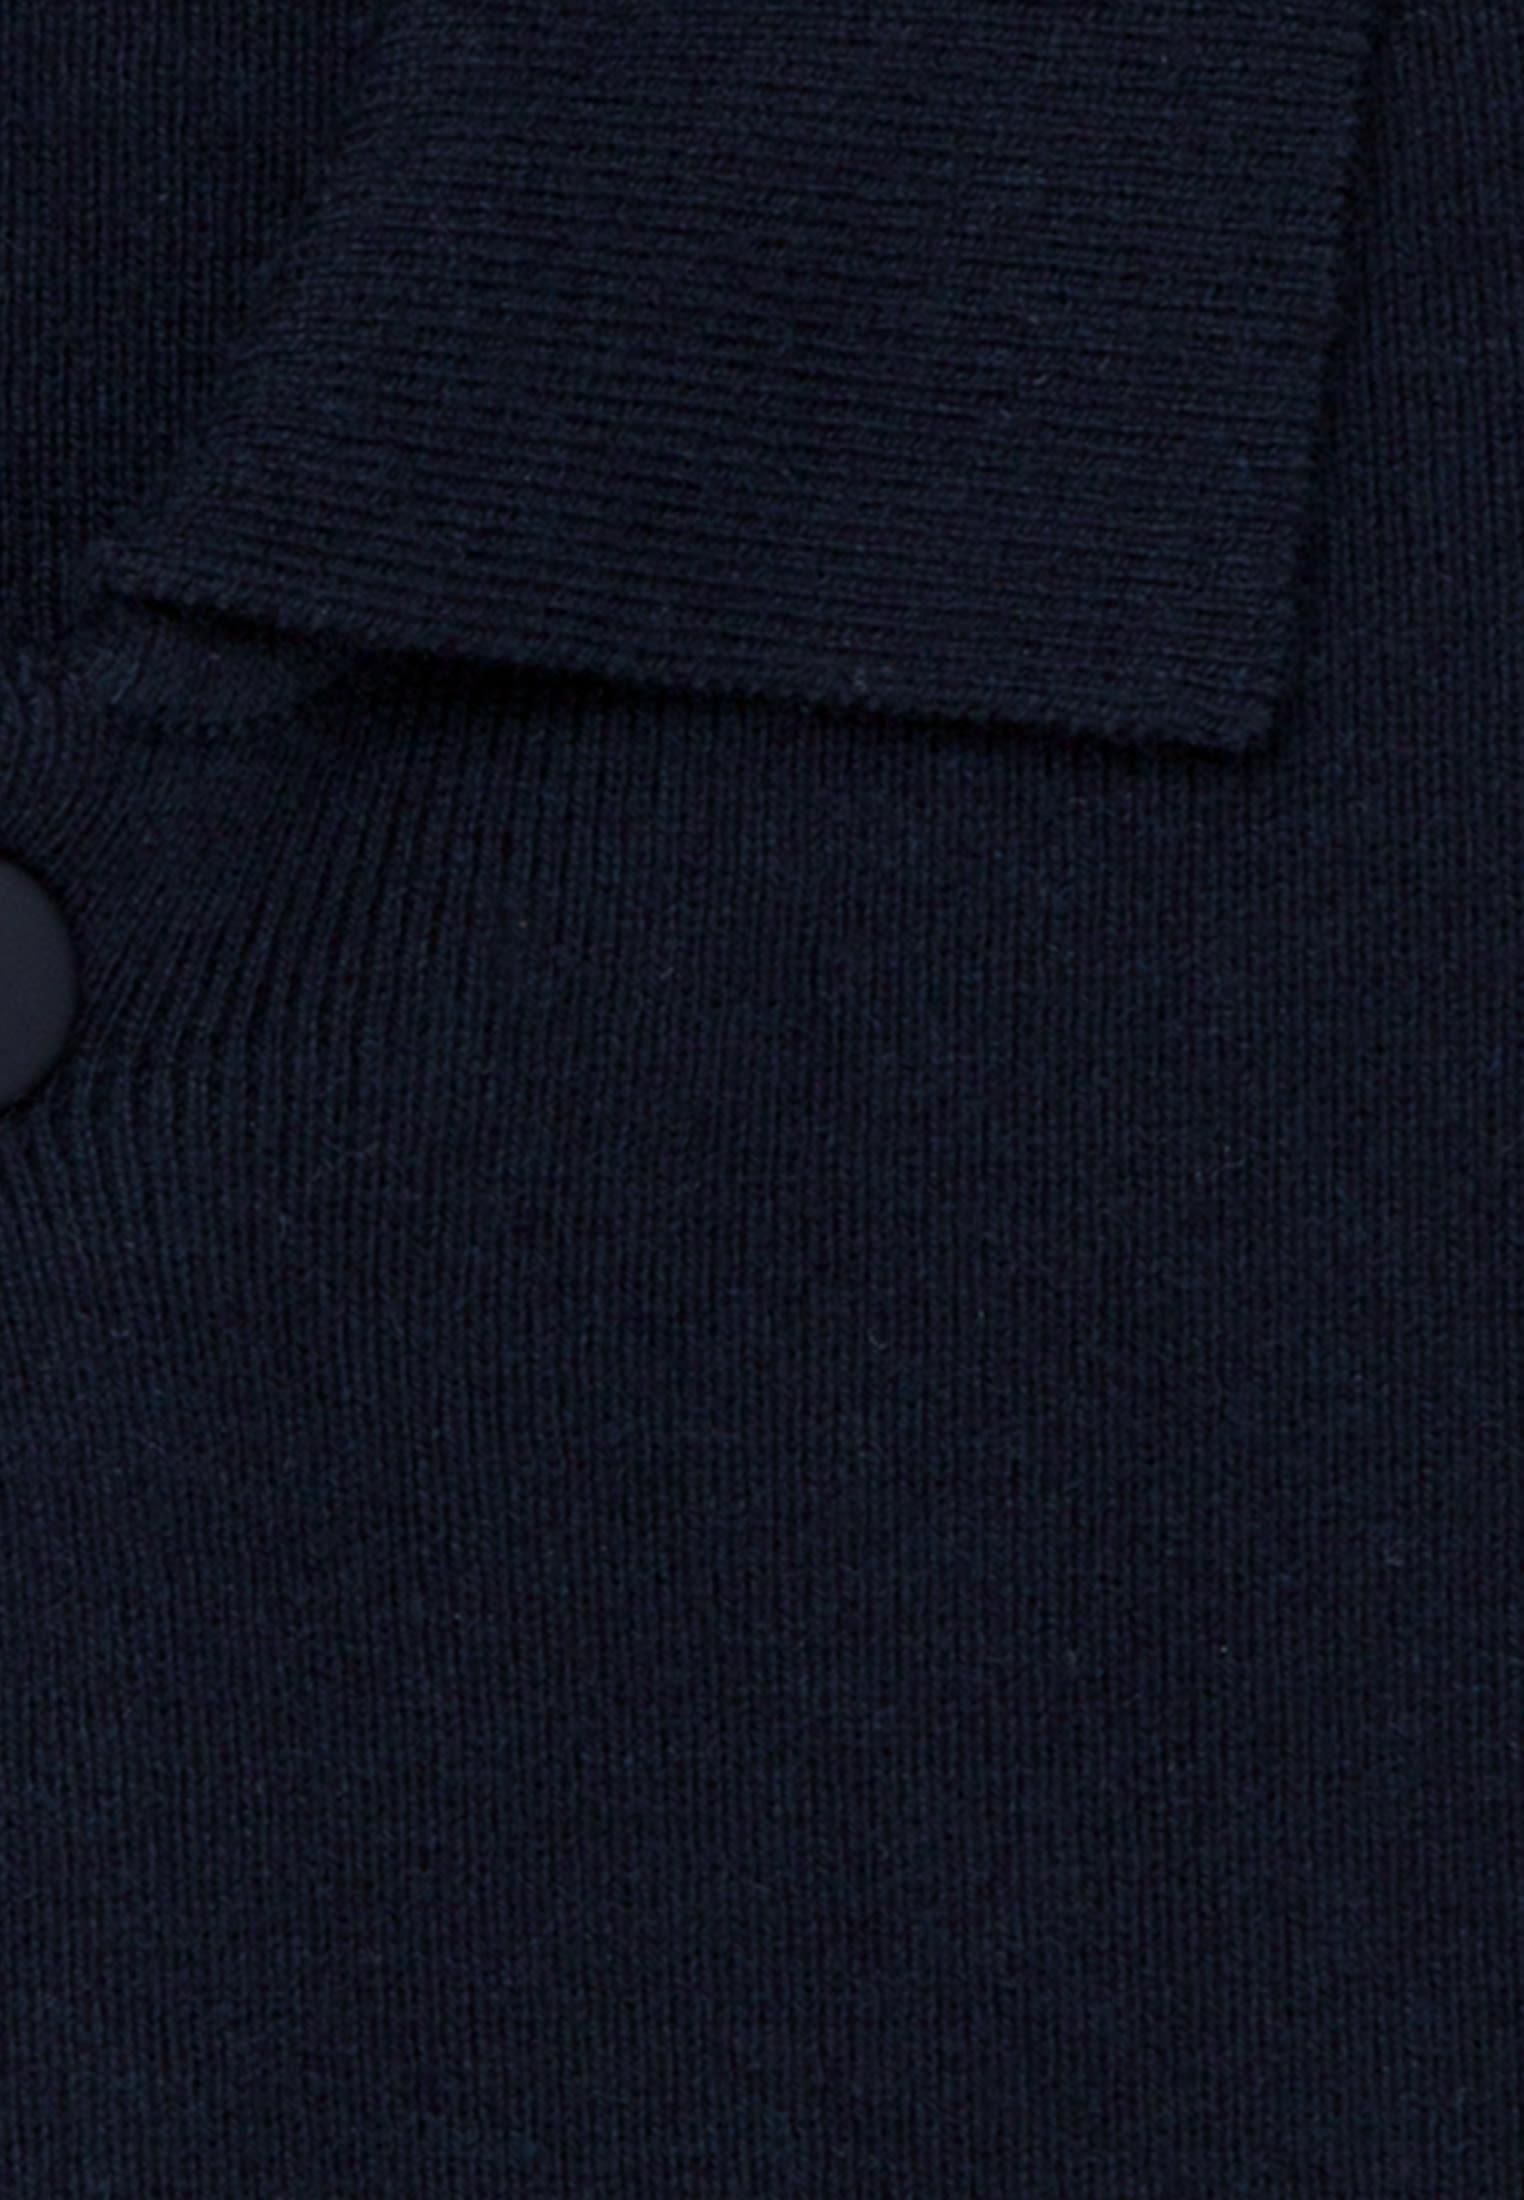 Kragen Cardigan aus 47% Baumwolle 37% Polyacryl 16% Wolle in Dunkelblau |  Seidensticker Onlineshop